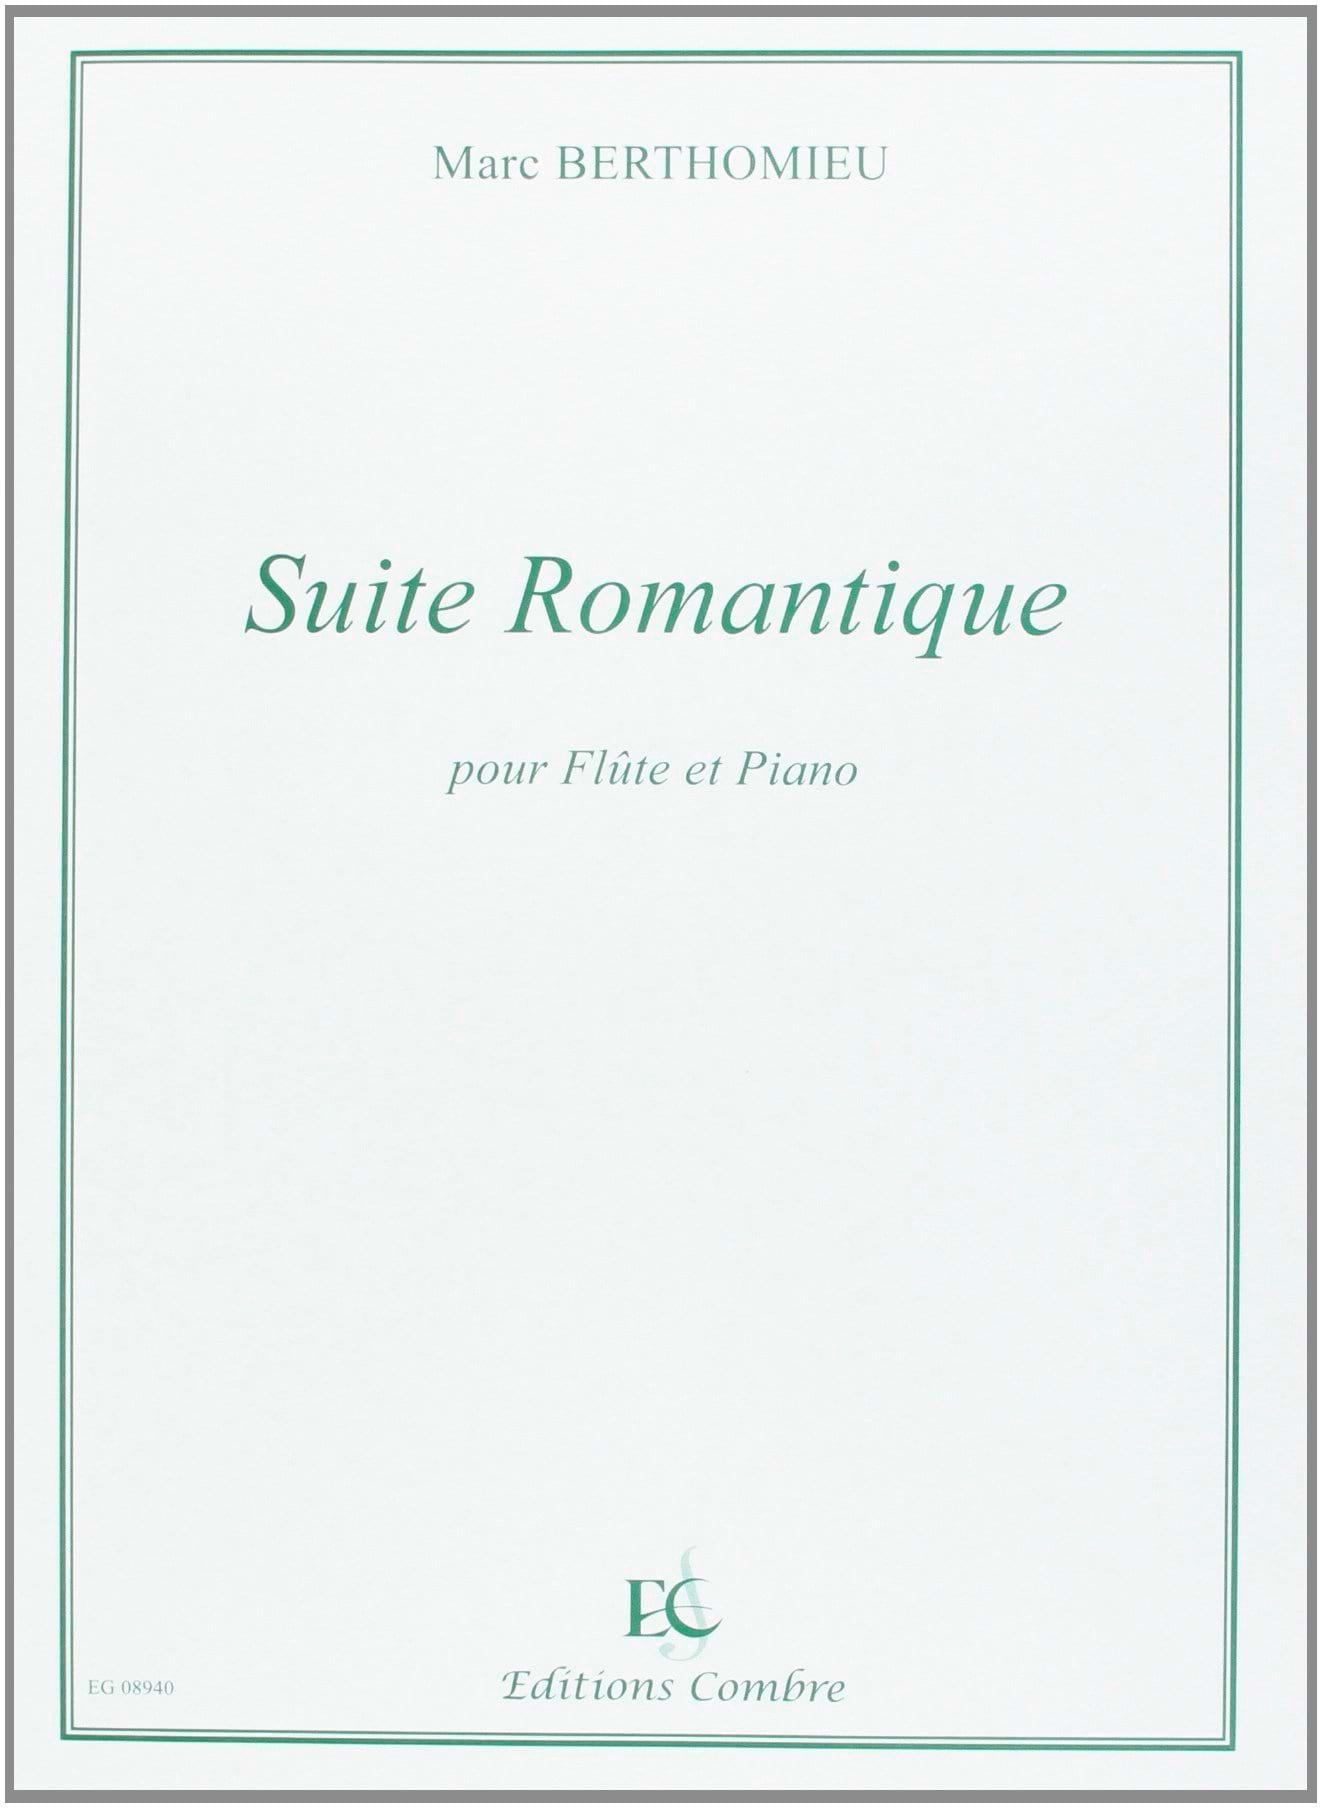 Marc Berthomieu - Romantic Suite - Partition - di-arezzo.co.uk